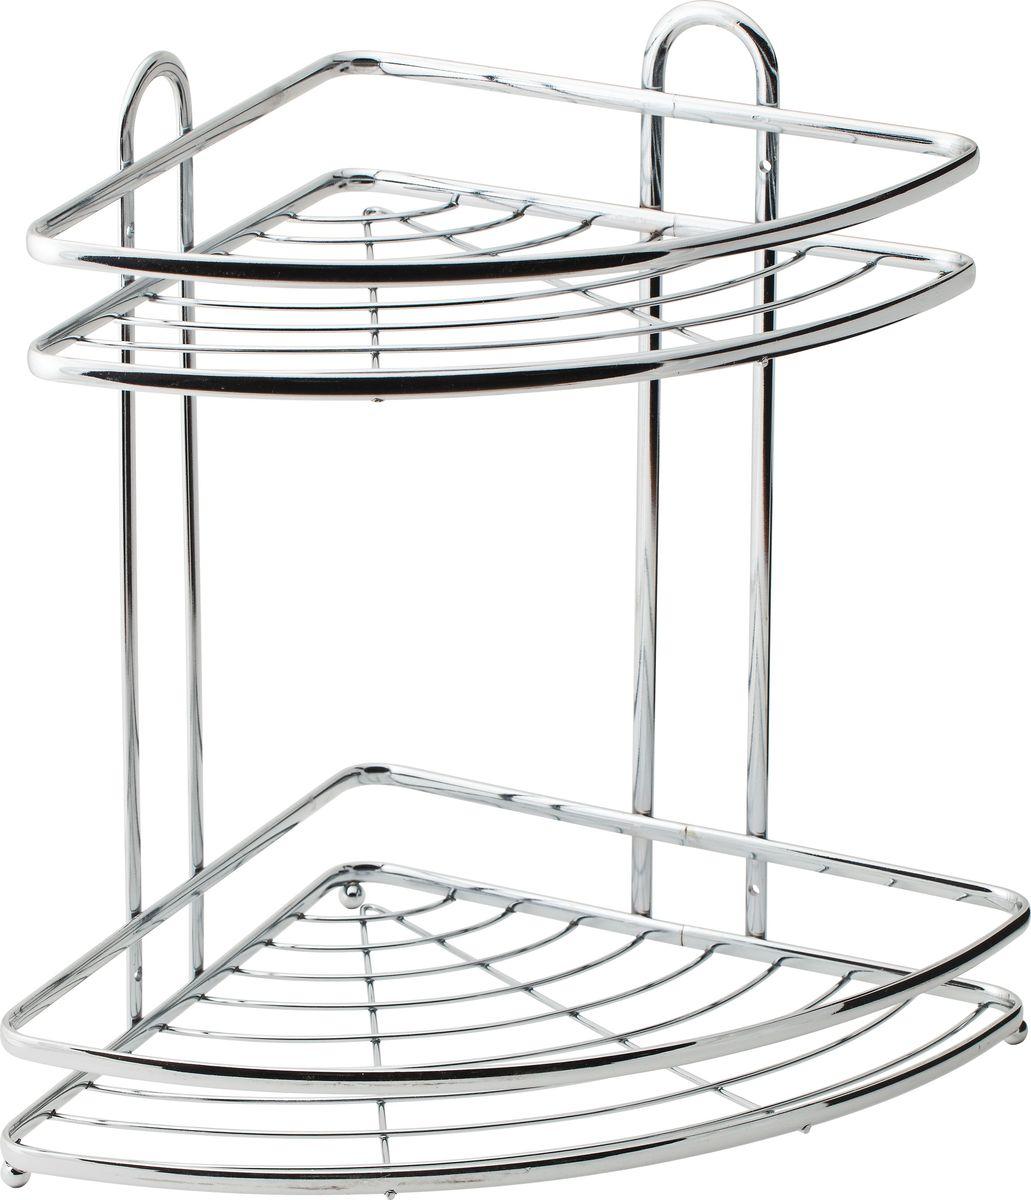 Полка для ванной Swensa, 2-ярусная, угловая, цвет: хром, 21 х 21 х 34 смSWR-012Угловая подвесная полка, выполненная из стали и покрытая хромо-никелиевым напылением, является прекрасным решением для организации пространсва в ванной комнате. Полка подвешивается с помощью саморезов, которые входят в комплект. Изделие состоит из 2-х полок, которые предназначены для хранения ваших средств гигиены и ухода. Благодаря оптимальным размерам, полка впишется в интерьер вашего дома, а также позволит удобно и практично хранить предметы домашнего обихода.